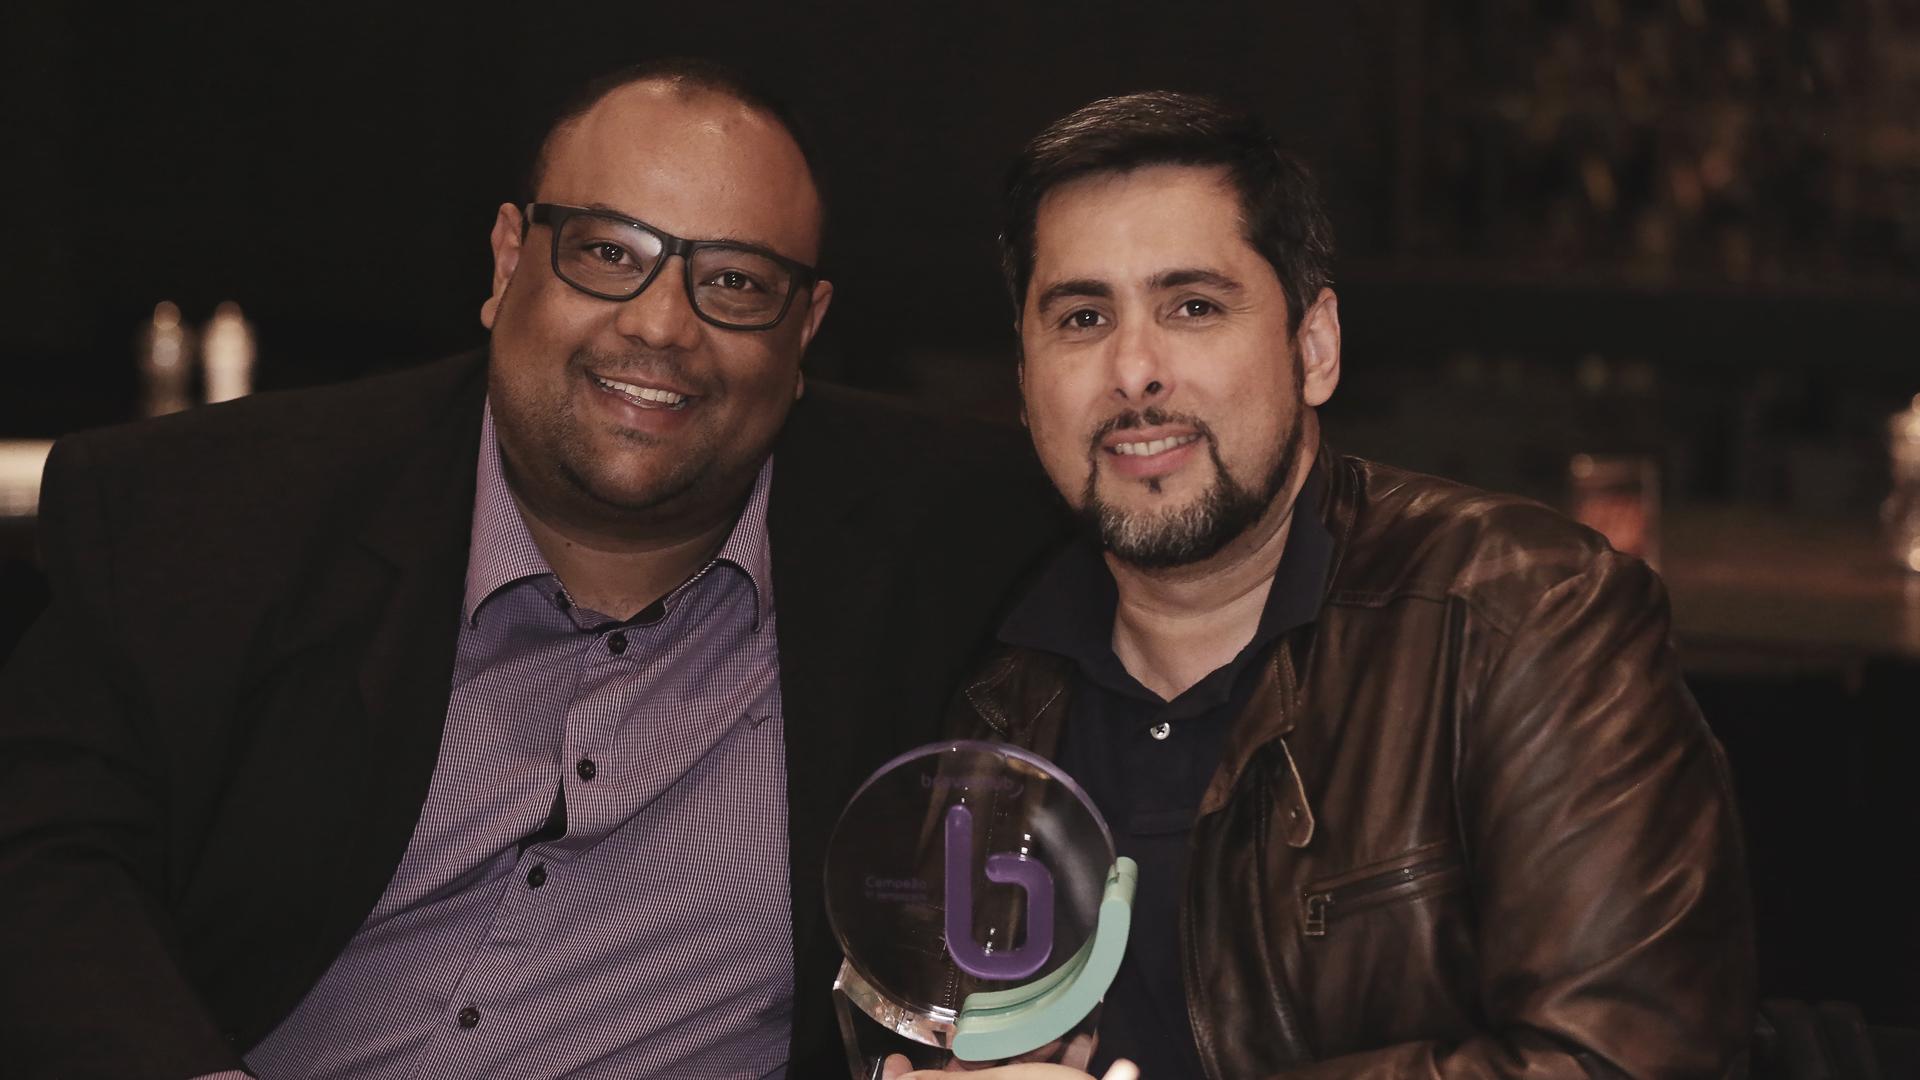 BRAVE CLUB: mentoria com o fundador do meuSucesso.com reuniu os campeões da primeira temporada